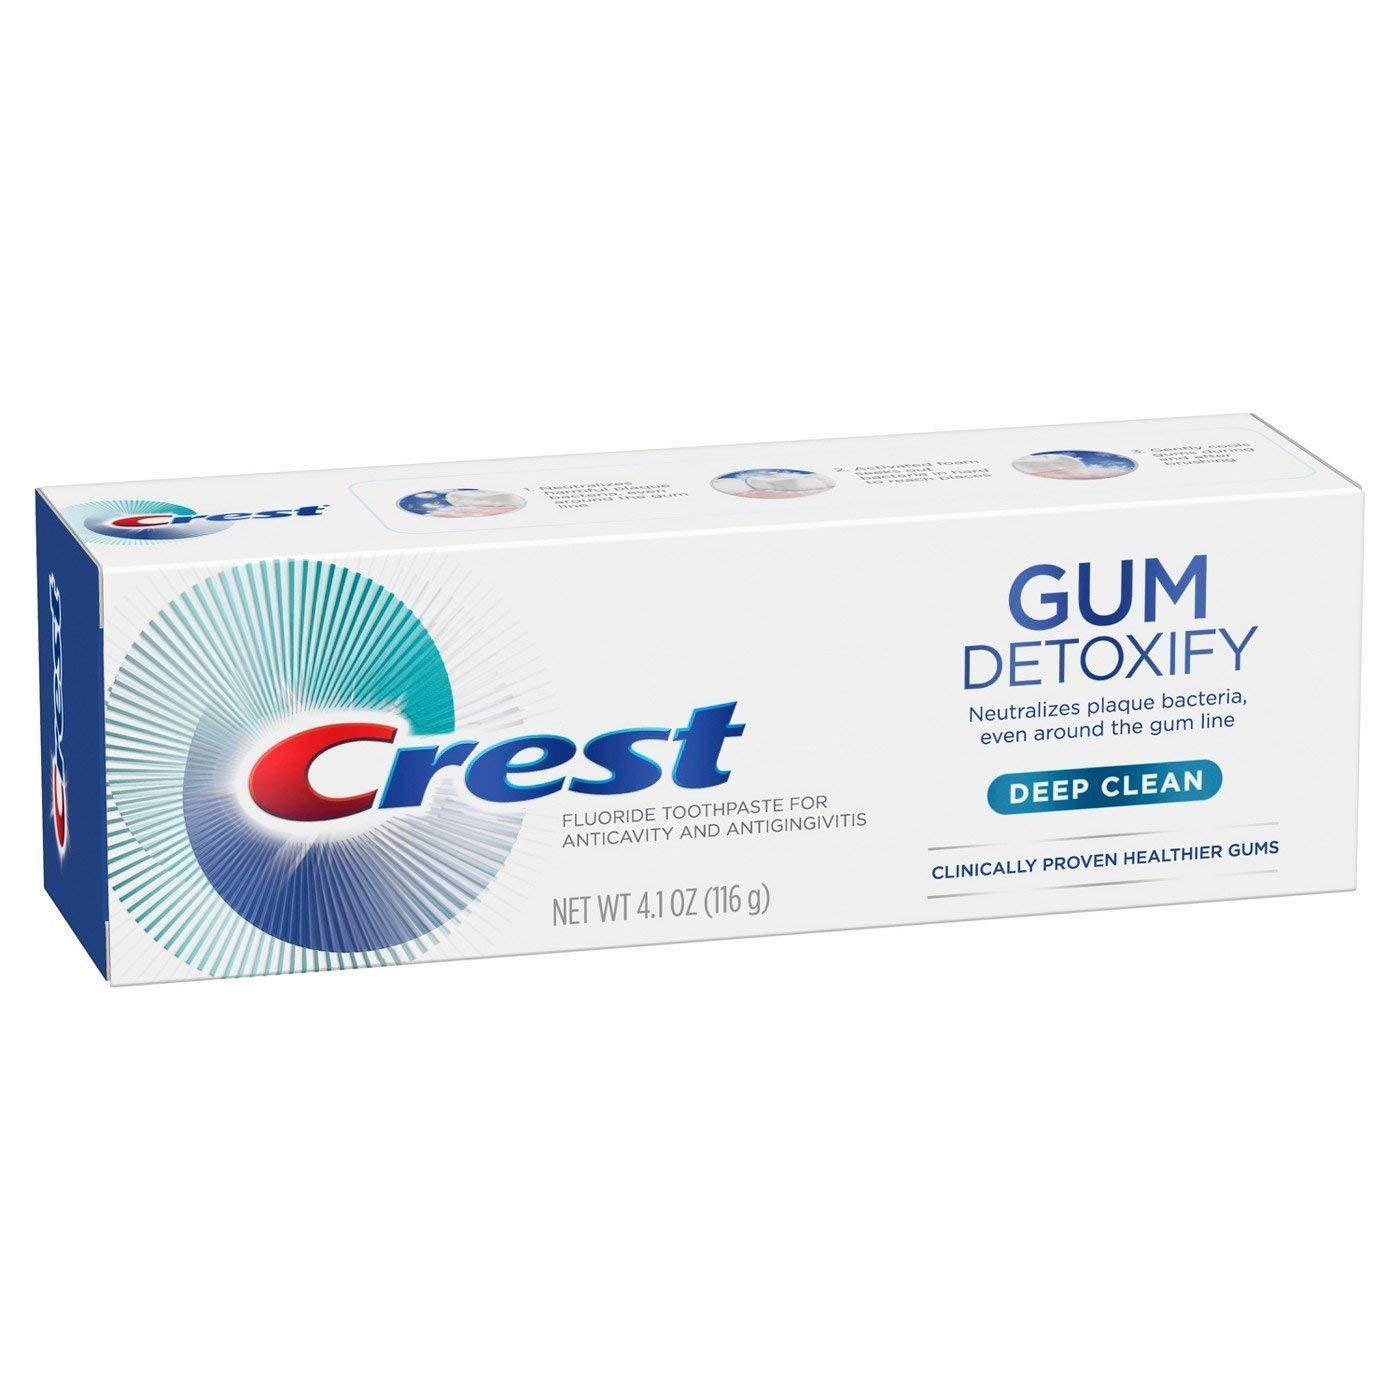 Crest Gum Detoxify Toothpaste, Deep Clean (4.1 oz, 4 pk.)